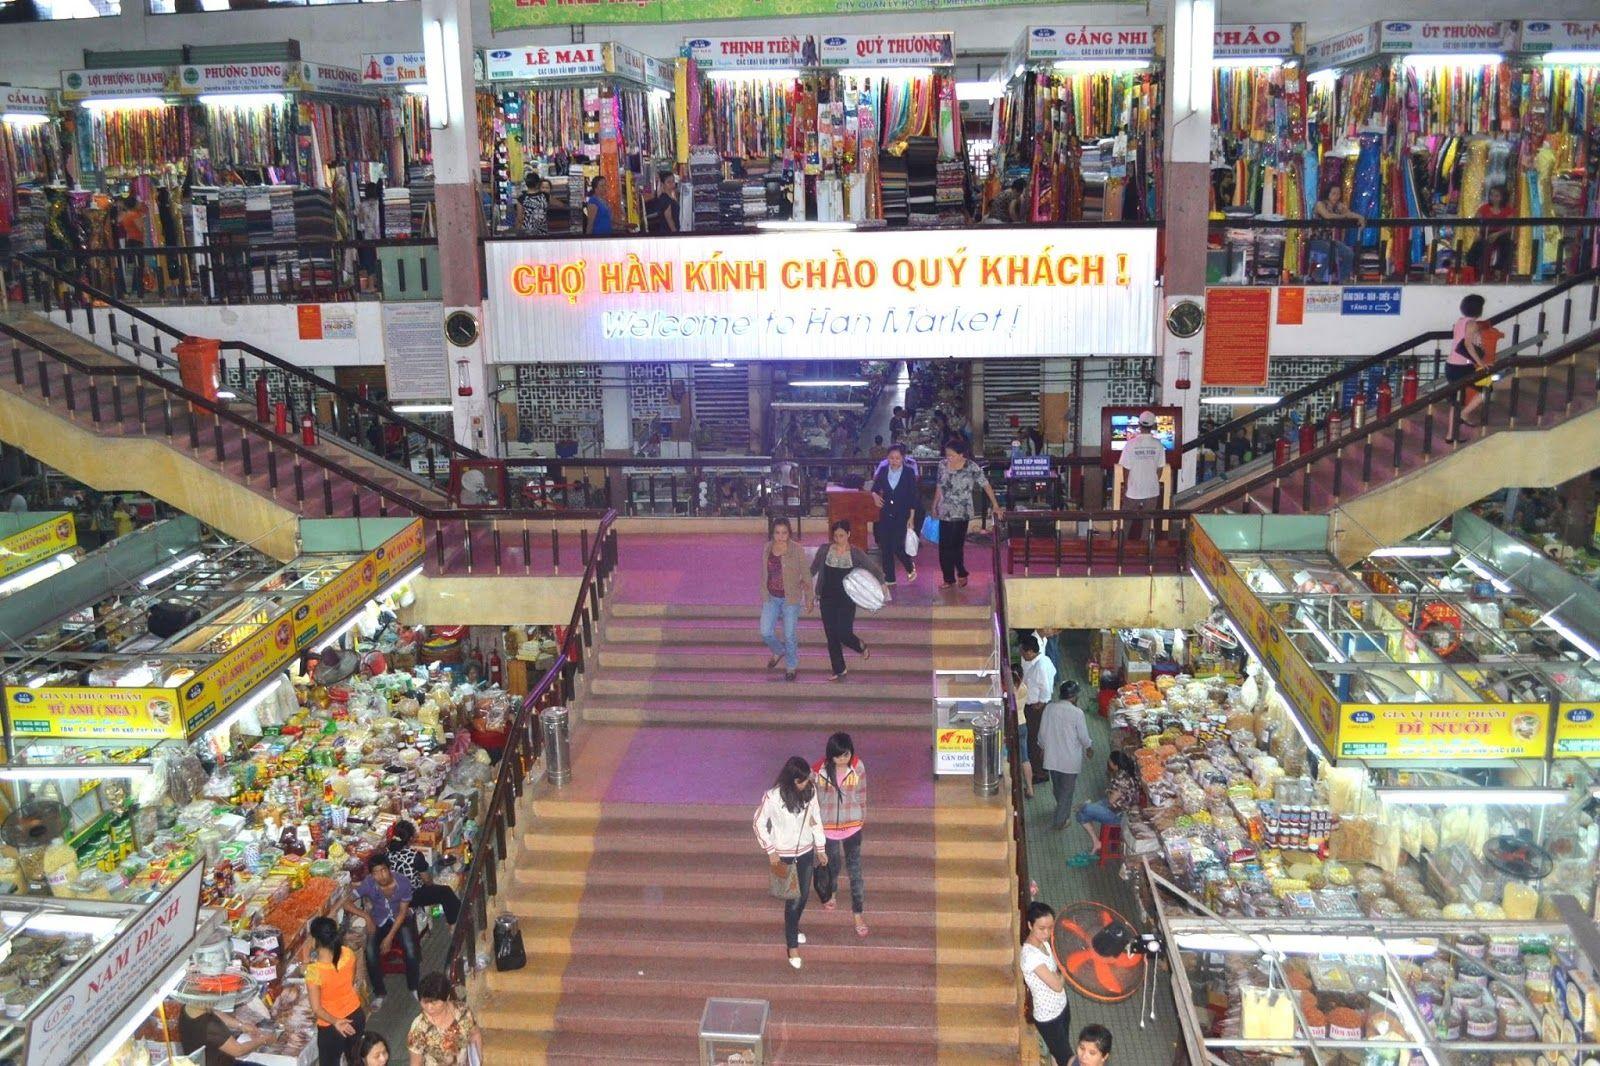 Chợ Hàn gần với Royal Lotus Hotel Danang by H&K Hospitality